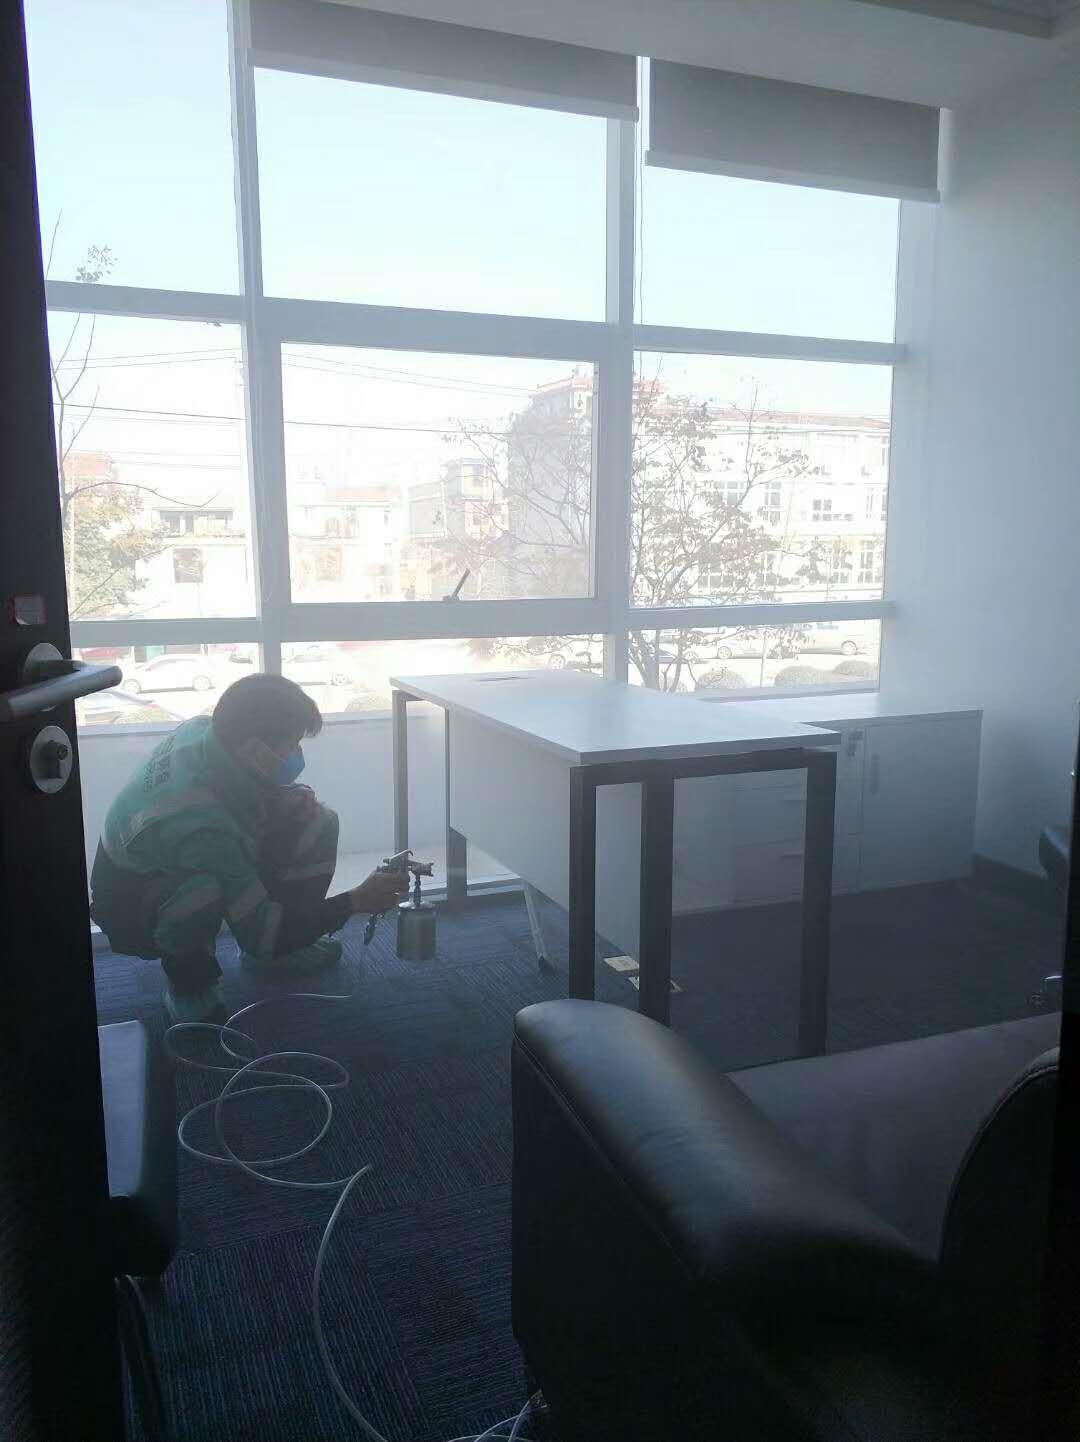 武汉小小叶子环保为青山派出所室内空气污染治理|新闻动态-武汉小小叶子环保科技有限公司